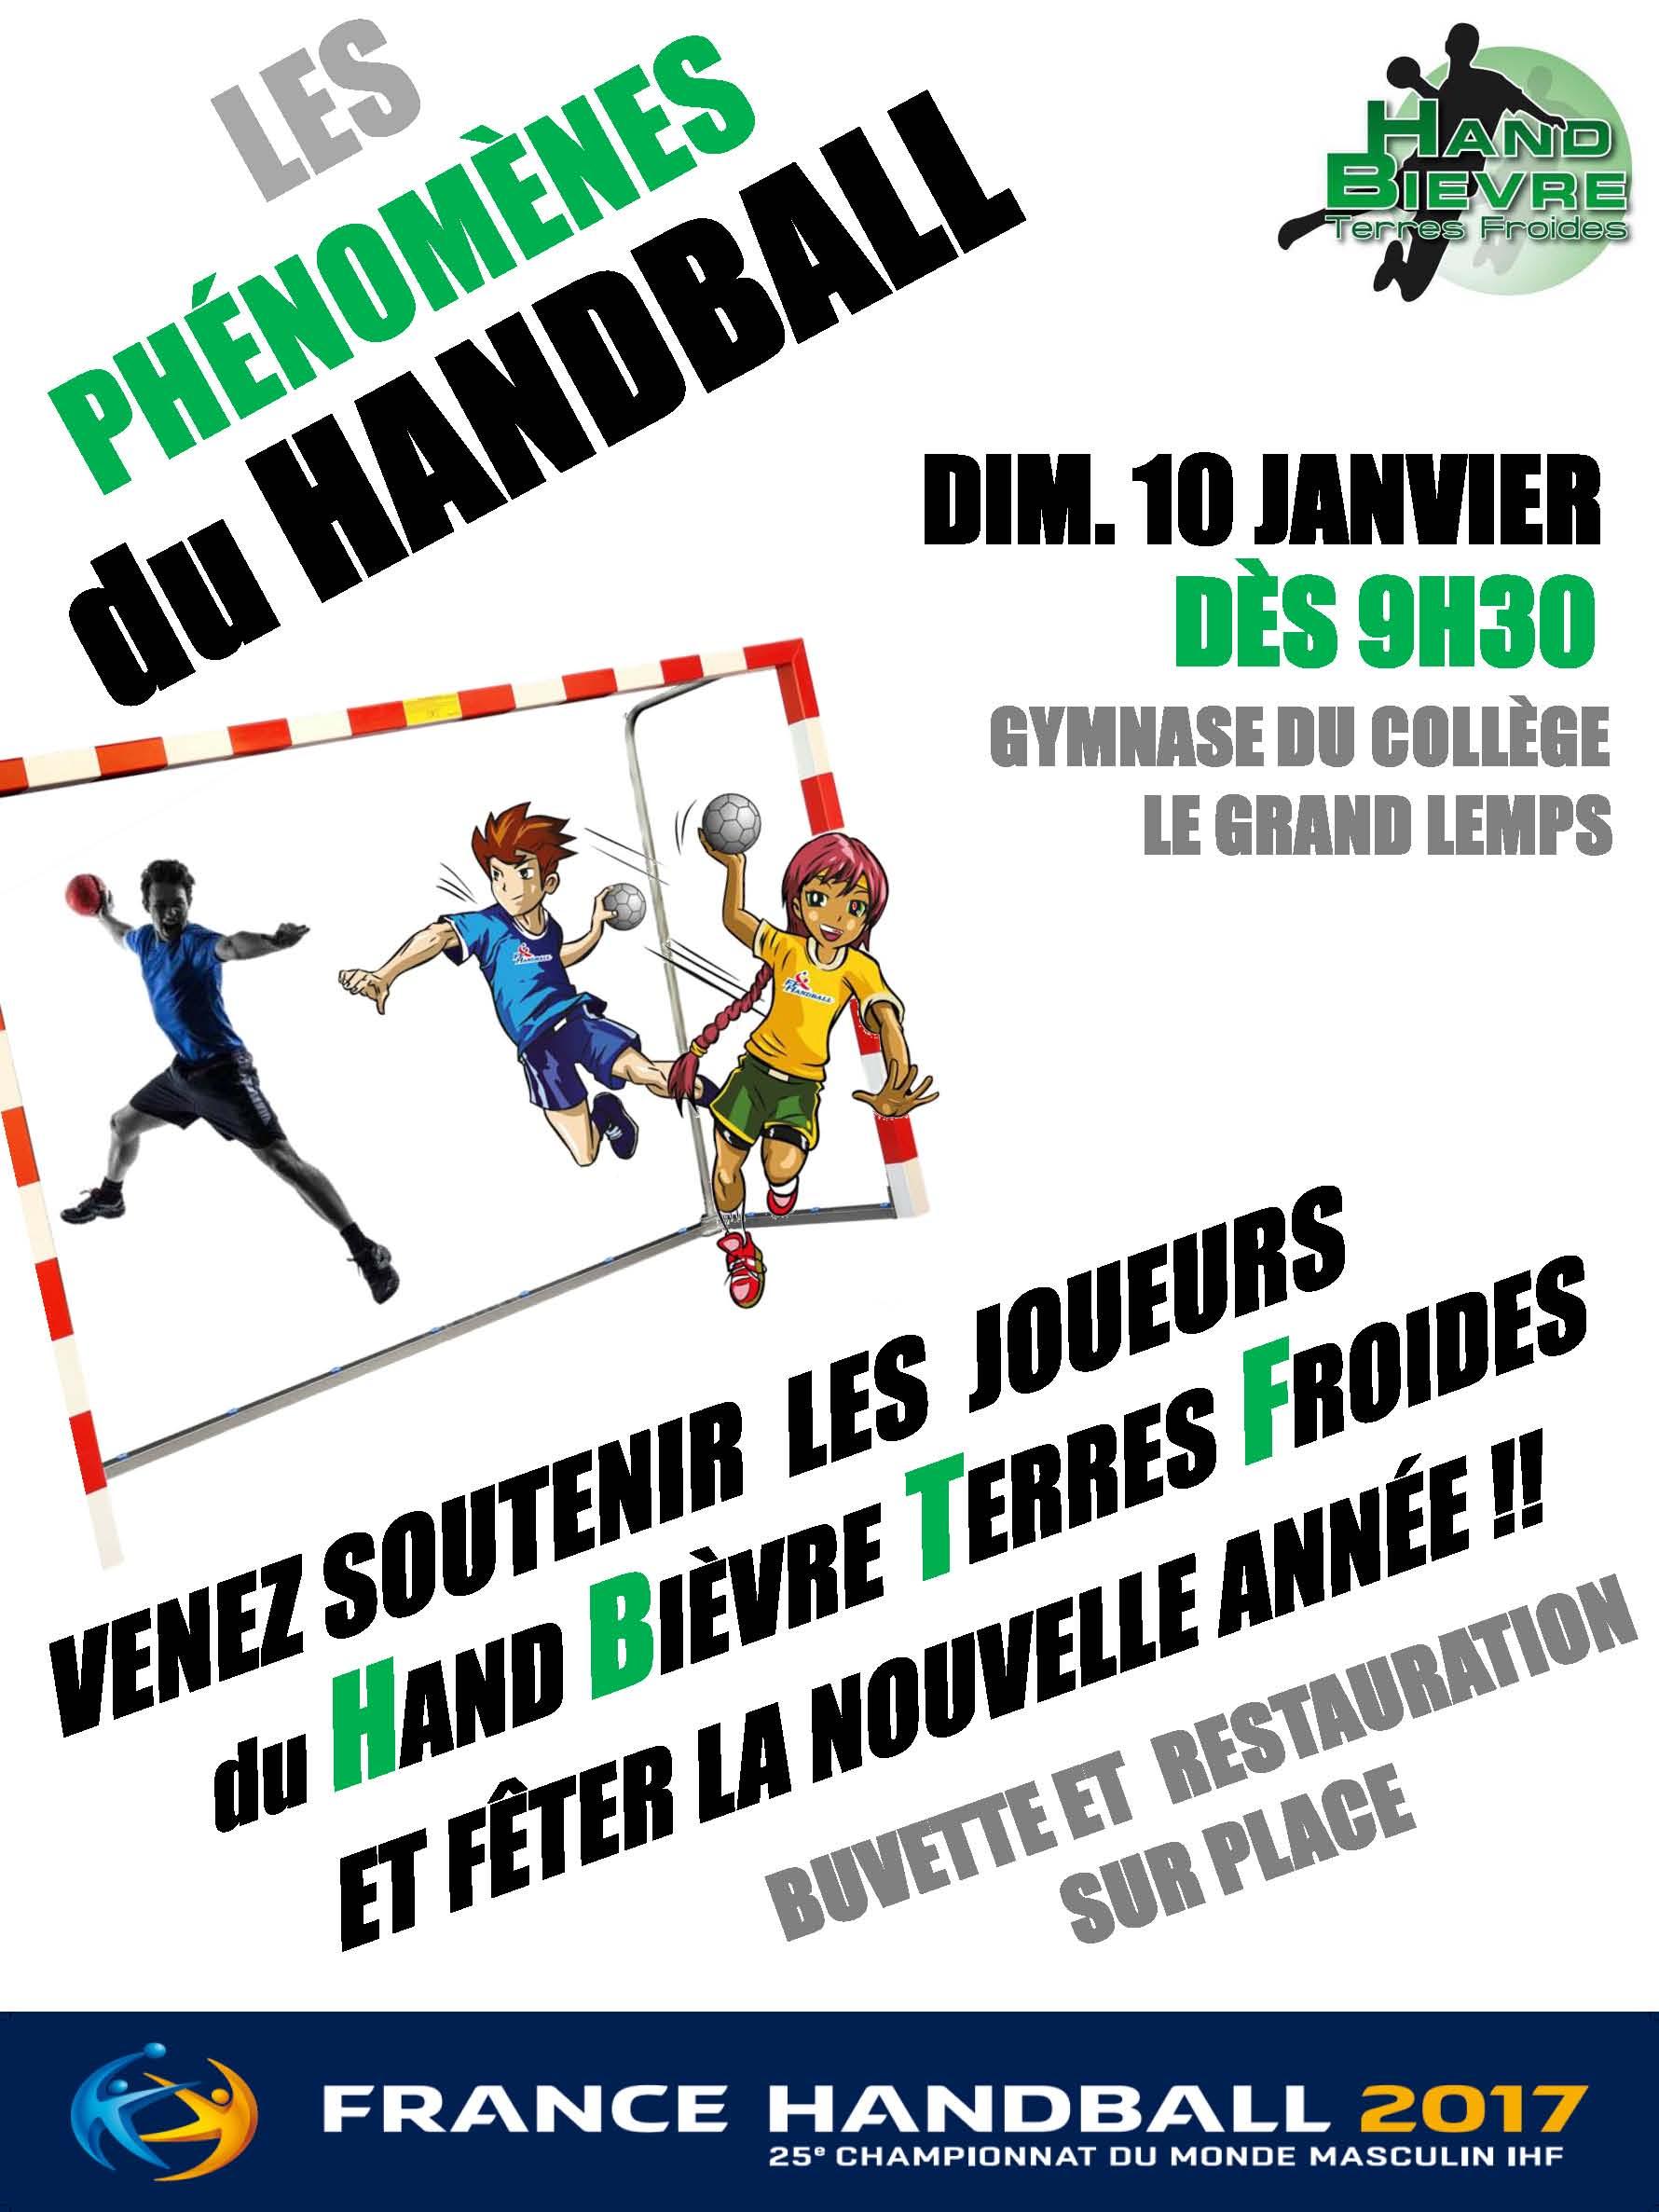 Journée 100% Handball pour la nouvelle année ! - Hand Bievre Terres Froides - Club de Handball en Isère